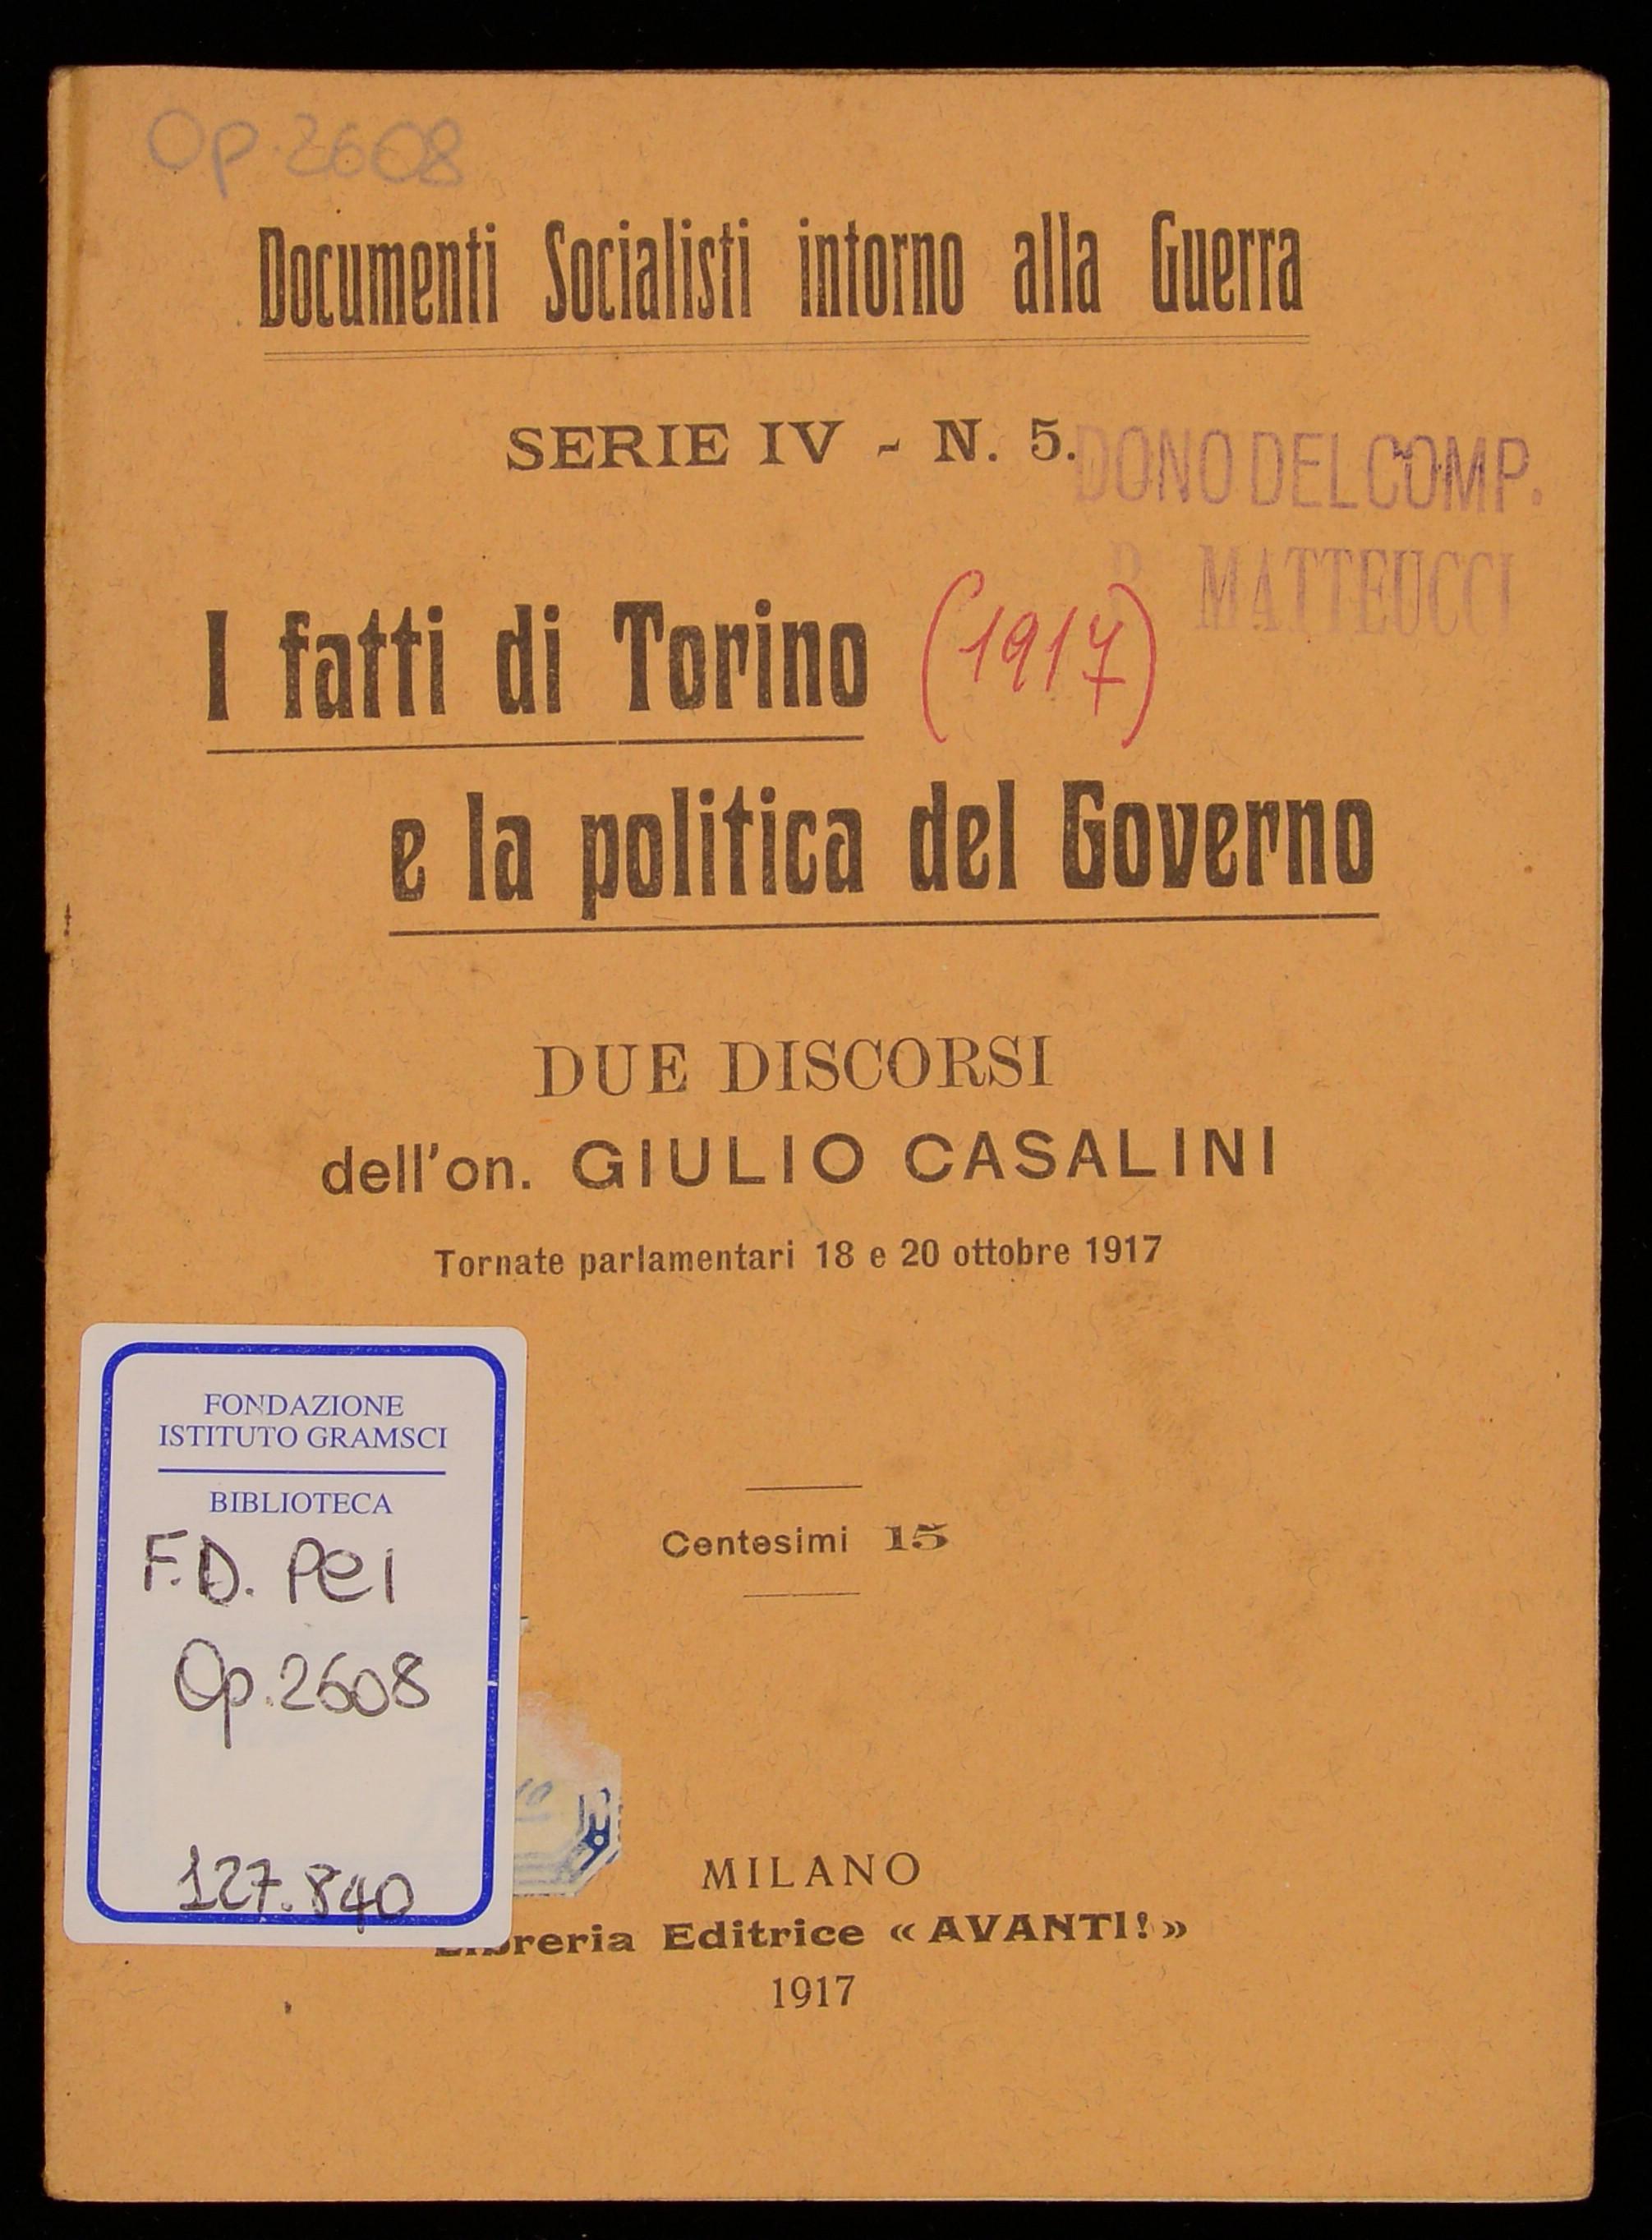 I fatti di Torino e la politica del Governo